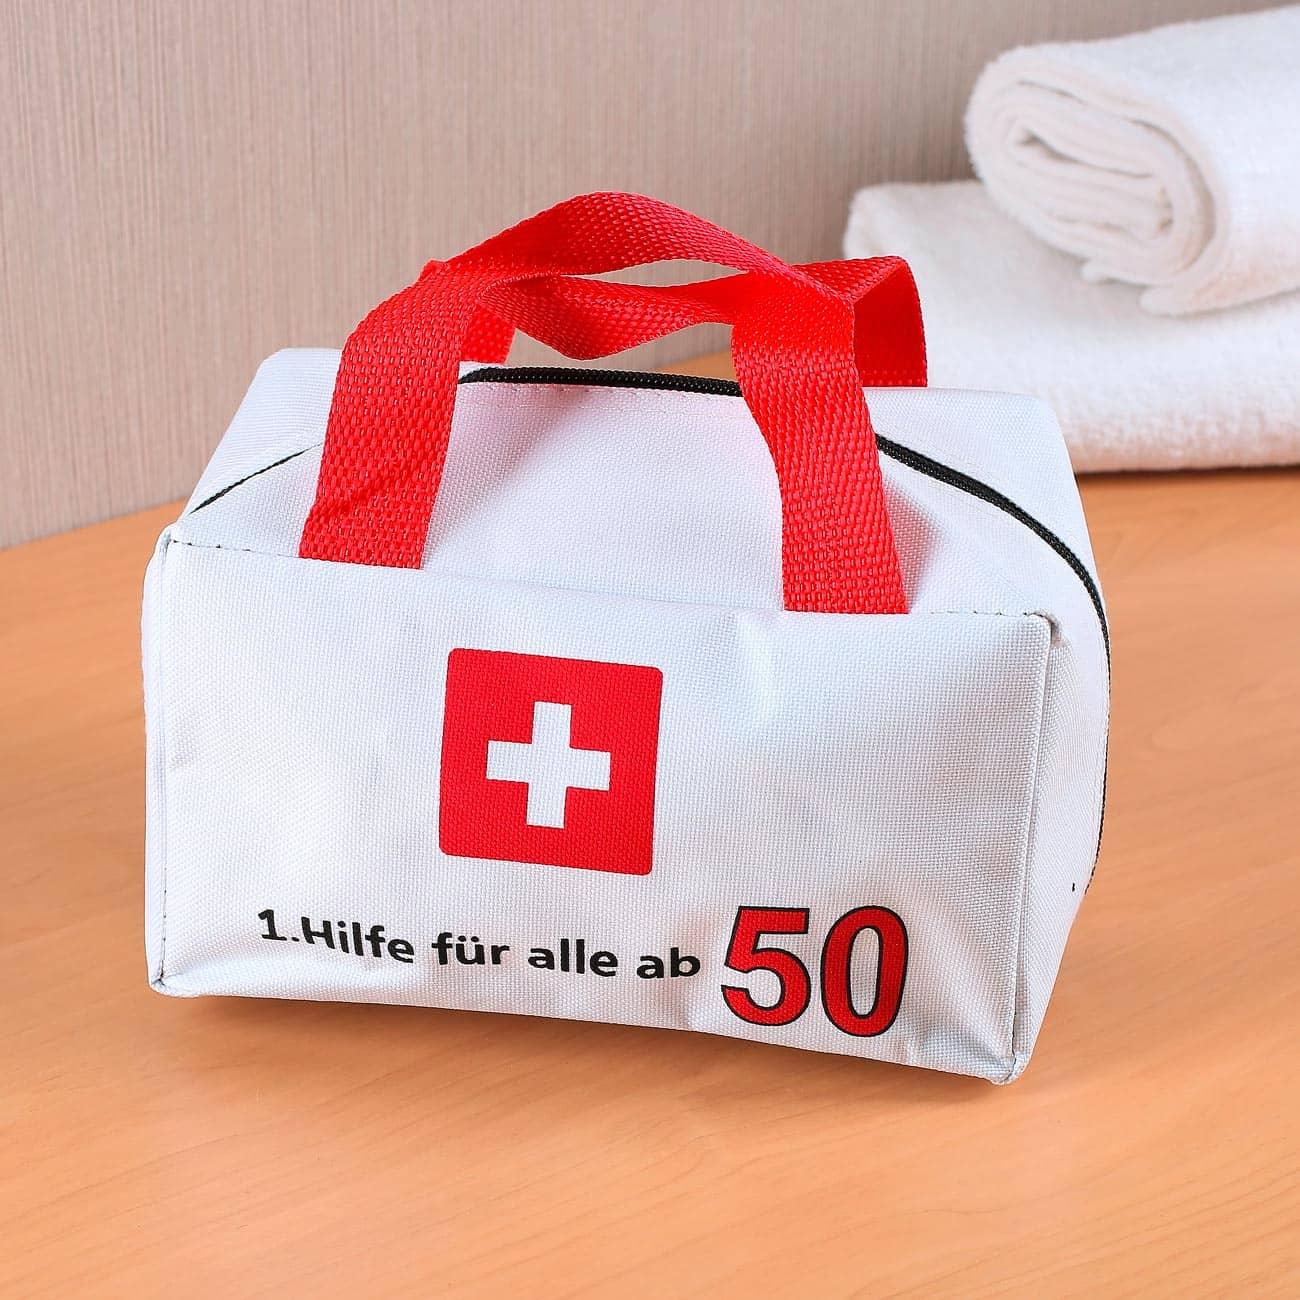 kleine tasche f r die erste hilfe ab 50 geschenke. Black Bedroom Furniture Sets. Home Design Ideas